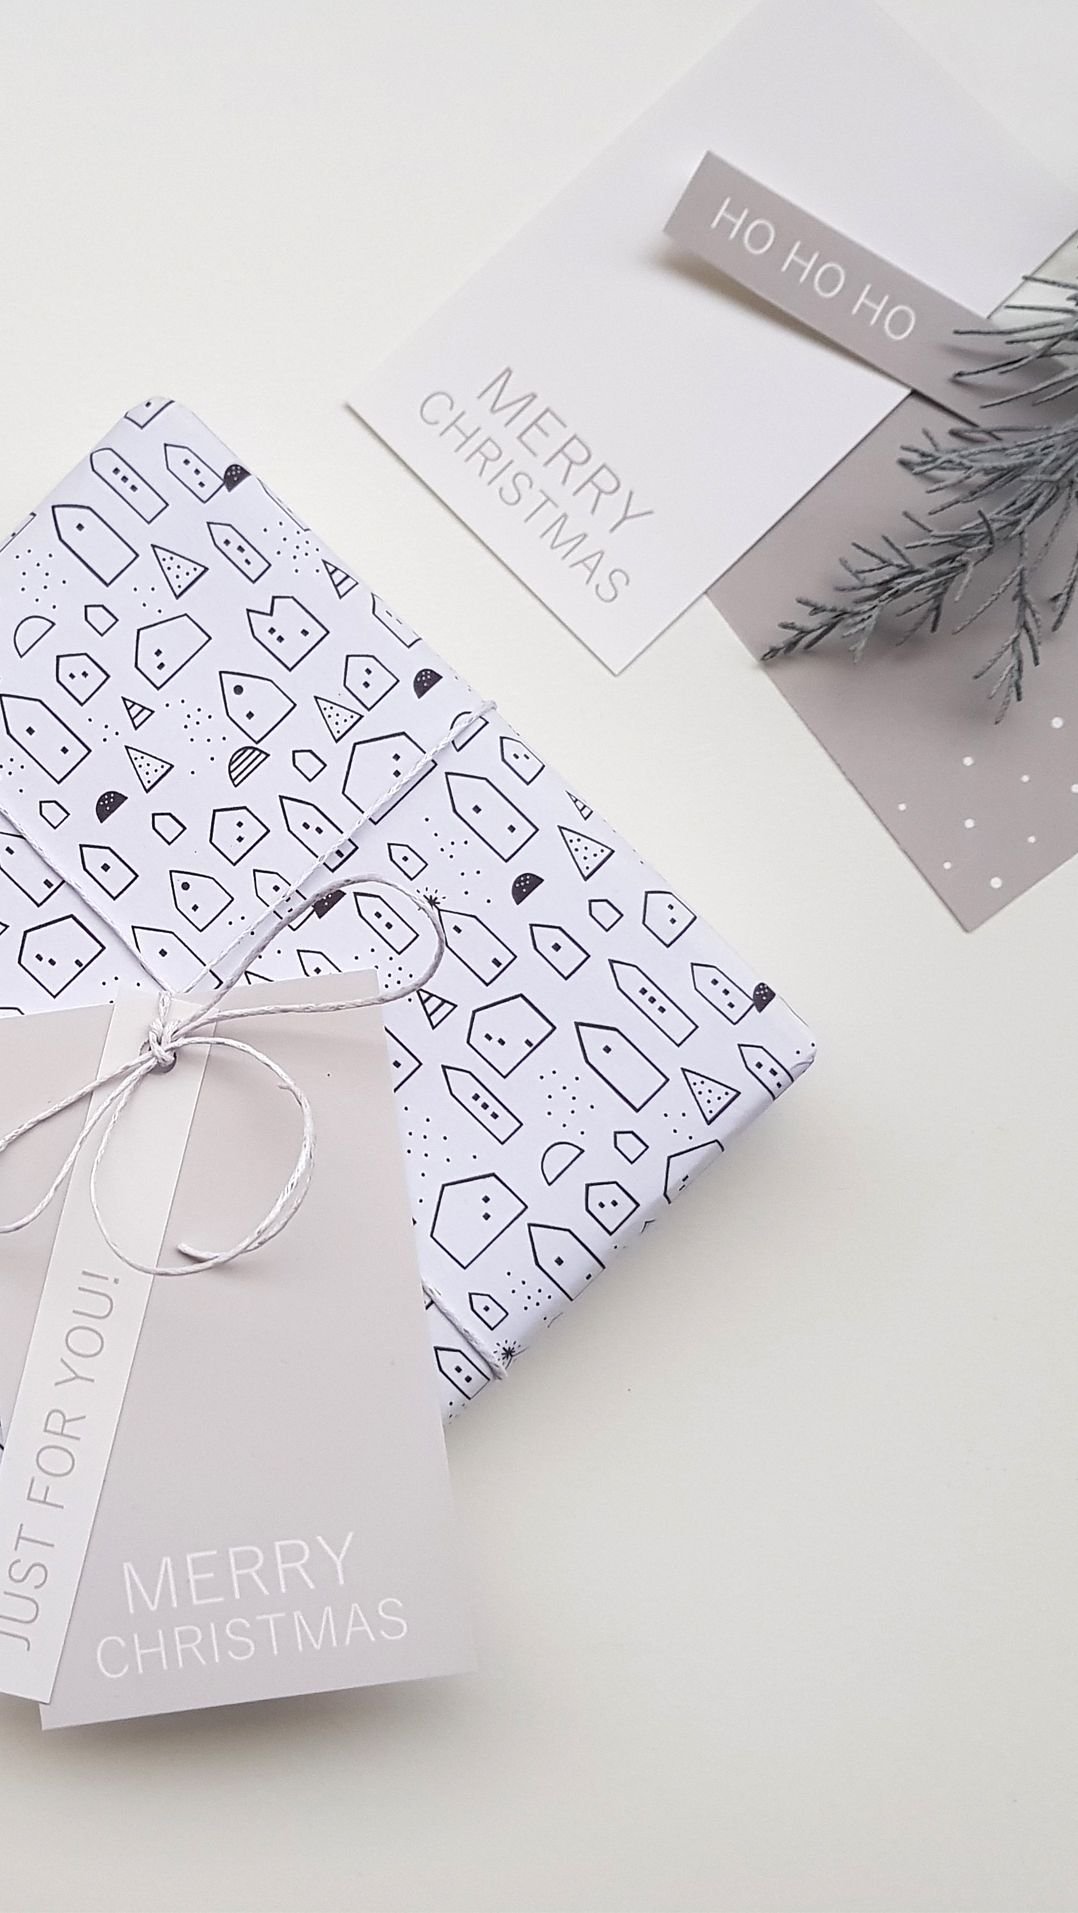 Free printable christmas gift tags printable sheet contains 12 free printable christmas gift tags printable sheet contains 12 different tags in shades of grey negle Images